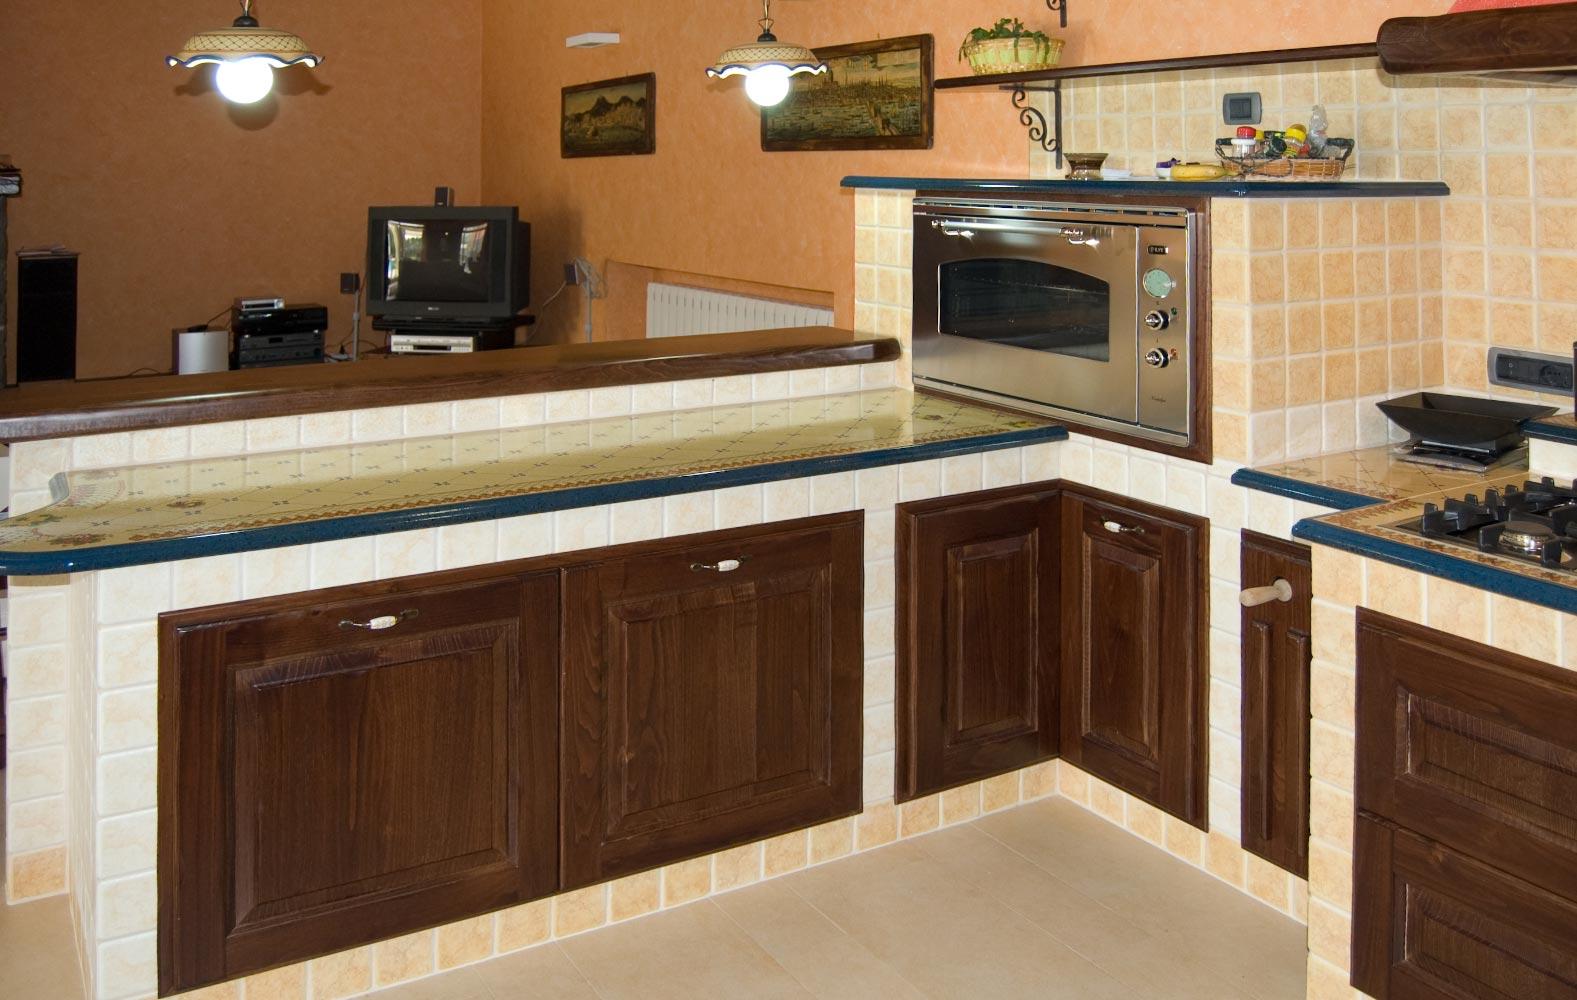 Forno Cucina In Muratura cucine in arte povera in muratura smontabile | modello